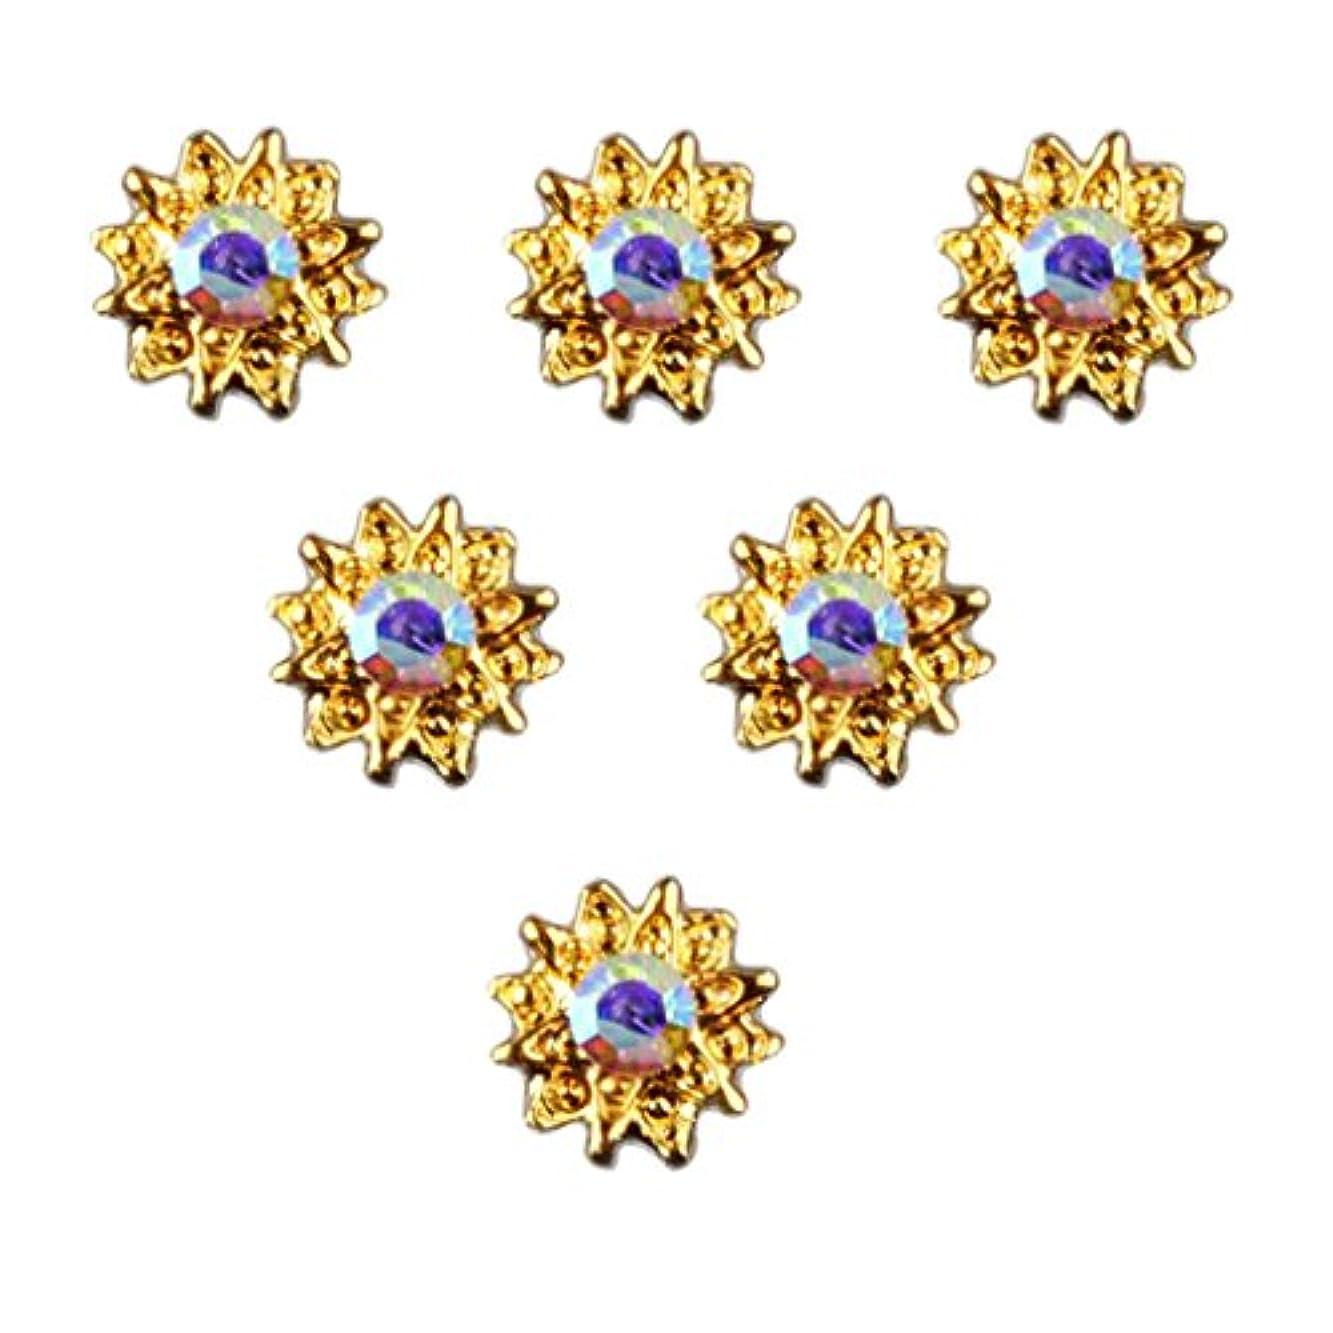 元に戻す主張ボトルT TOOYFUL 全8種類 マニキュア ネイルデザイン ダイヤモンド 3Dネイルアート ヒントステッカー 50個入り - 5